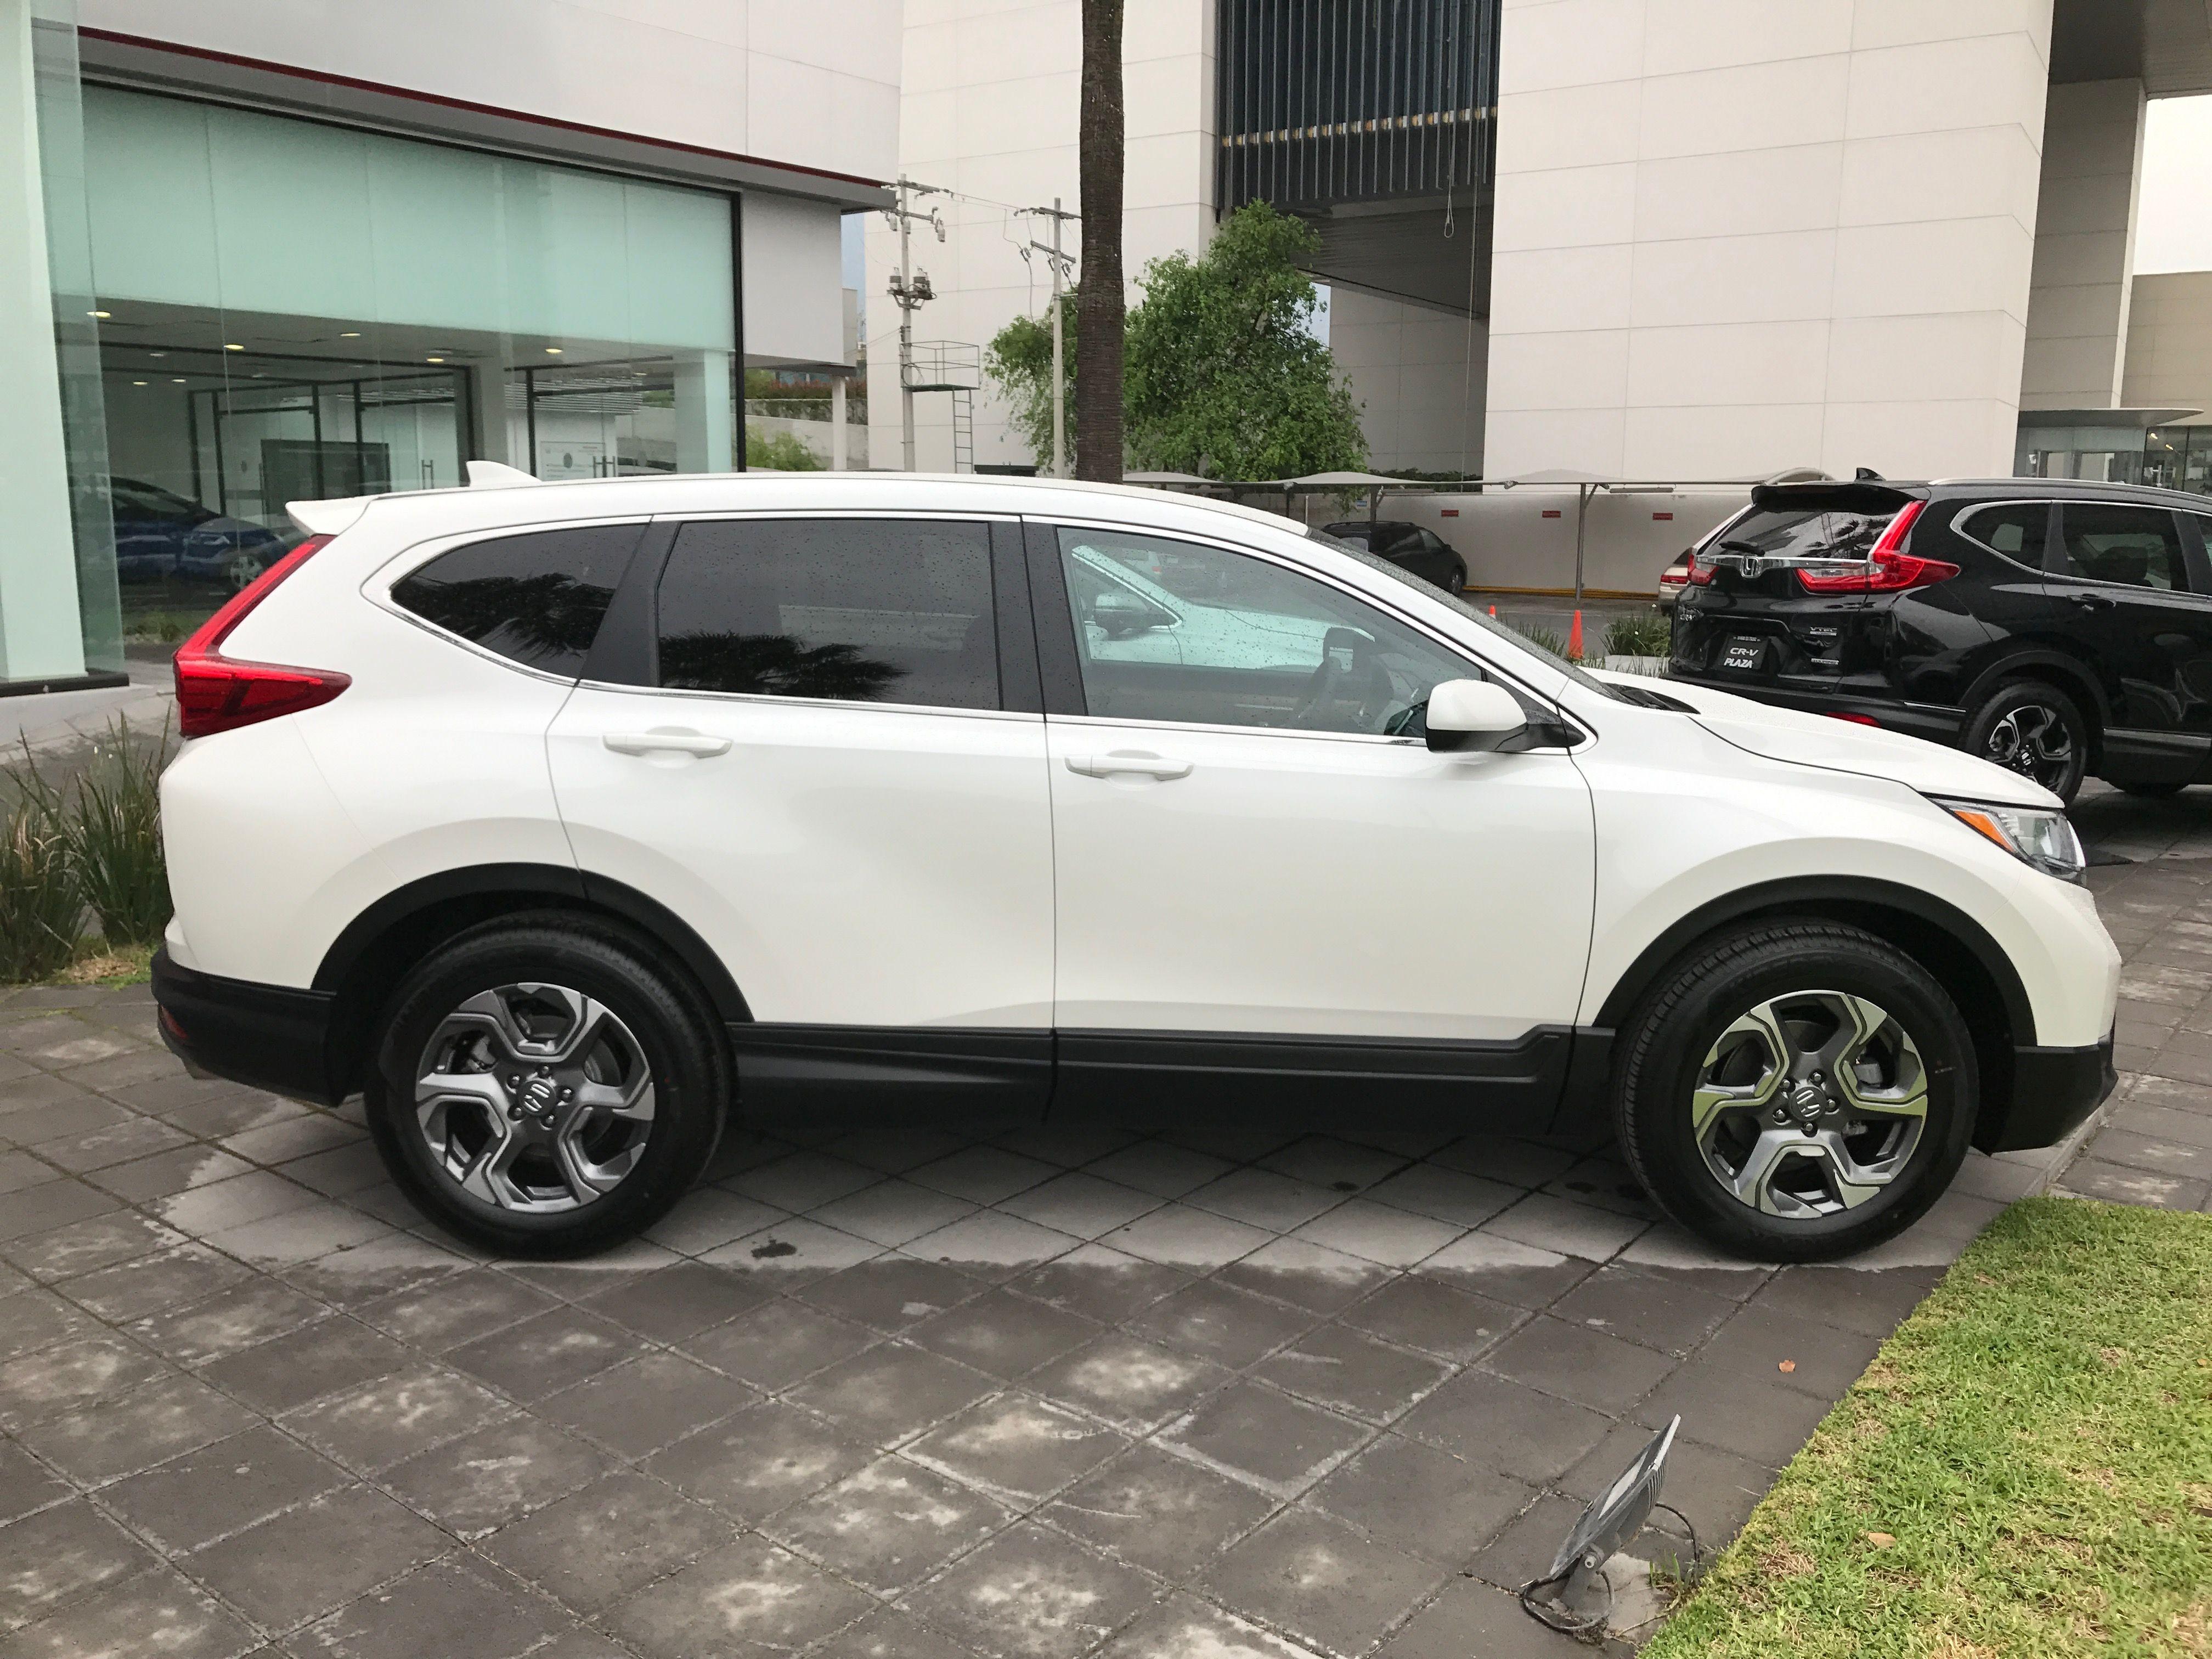 Honda CRV 2017 Suv honda, Honda crv 2017, Honda hrv